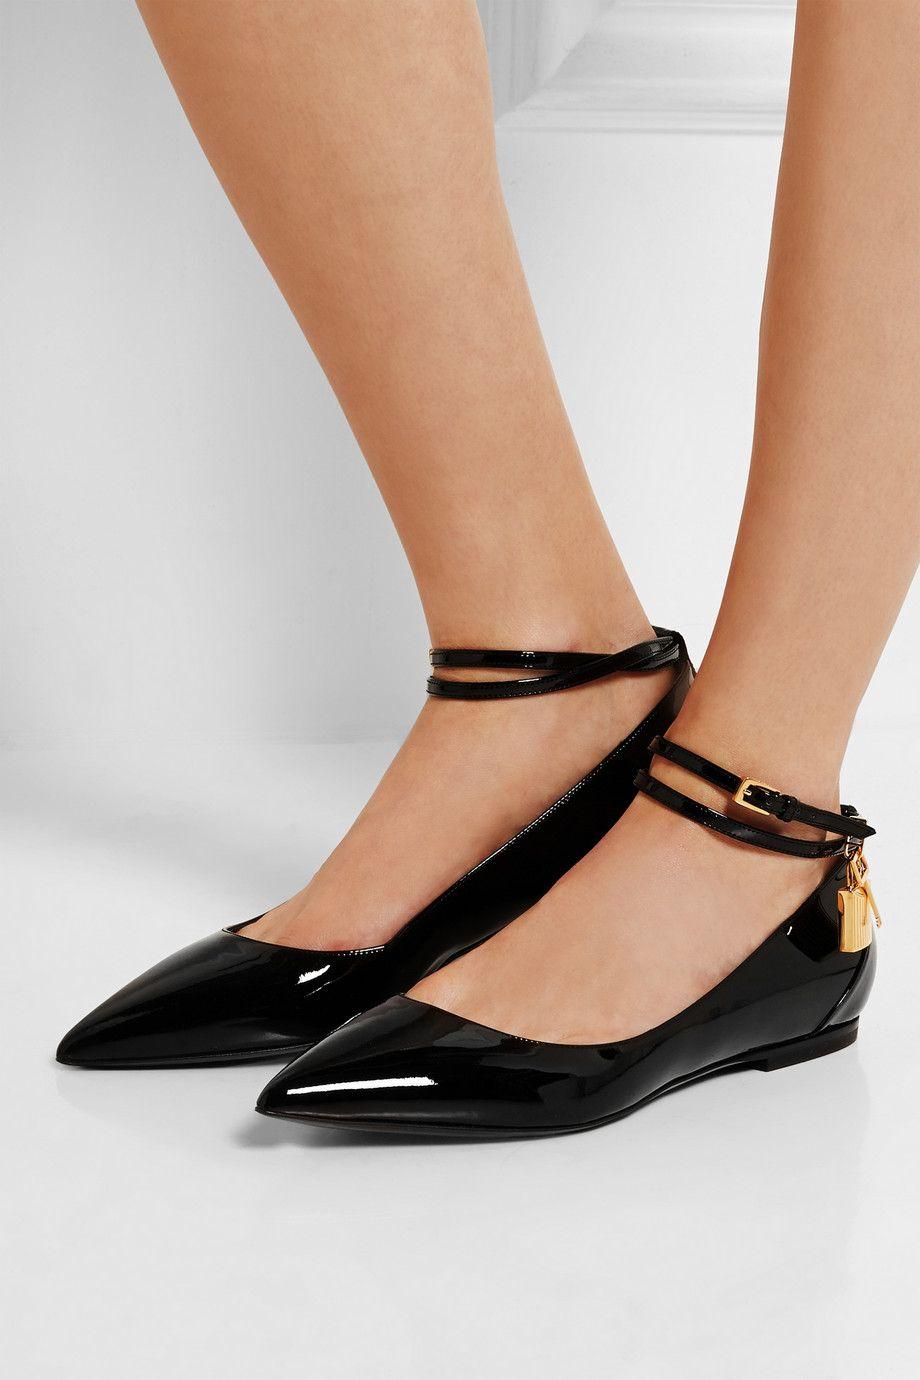 ce ce ce qu'il ne faut pas porter des ballerines doit être un noir brillant, brevets 0d439d